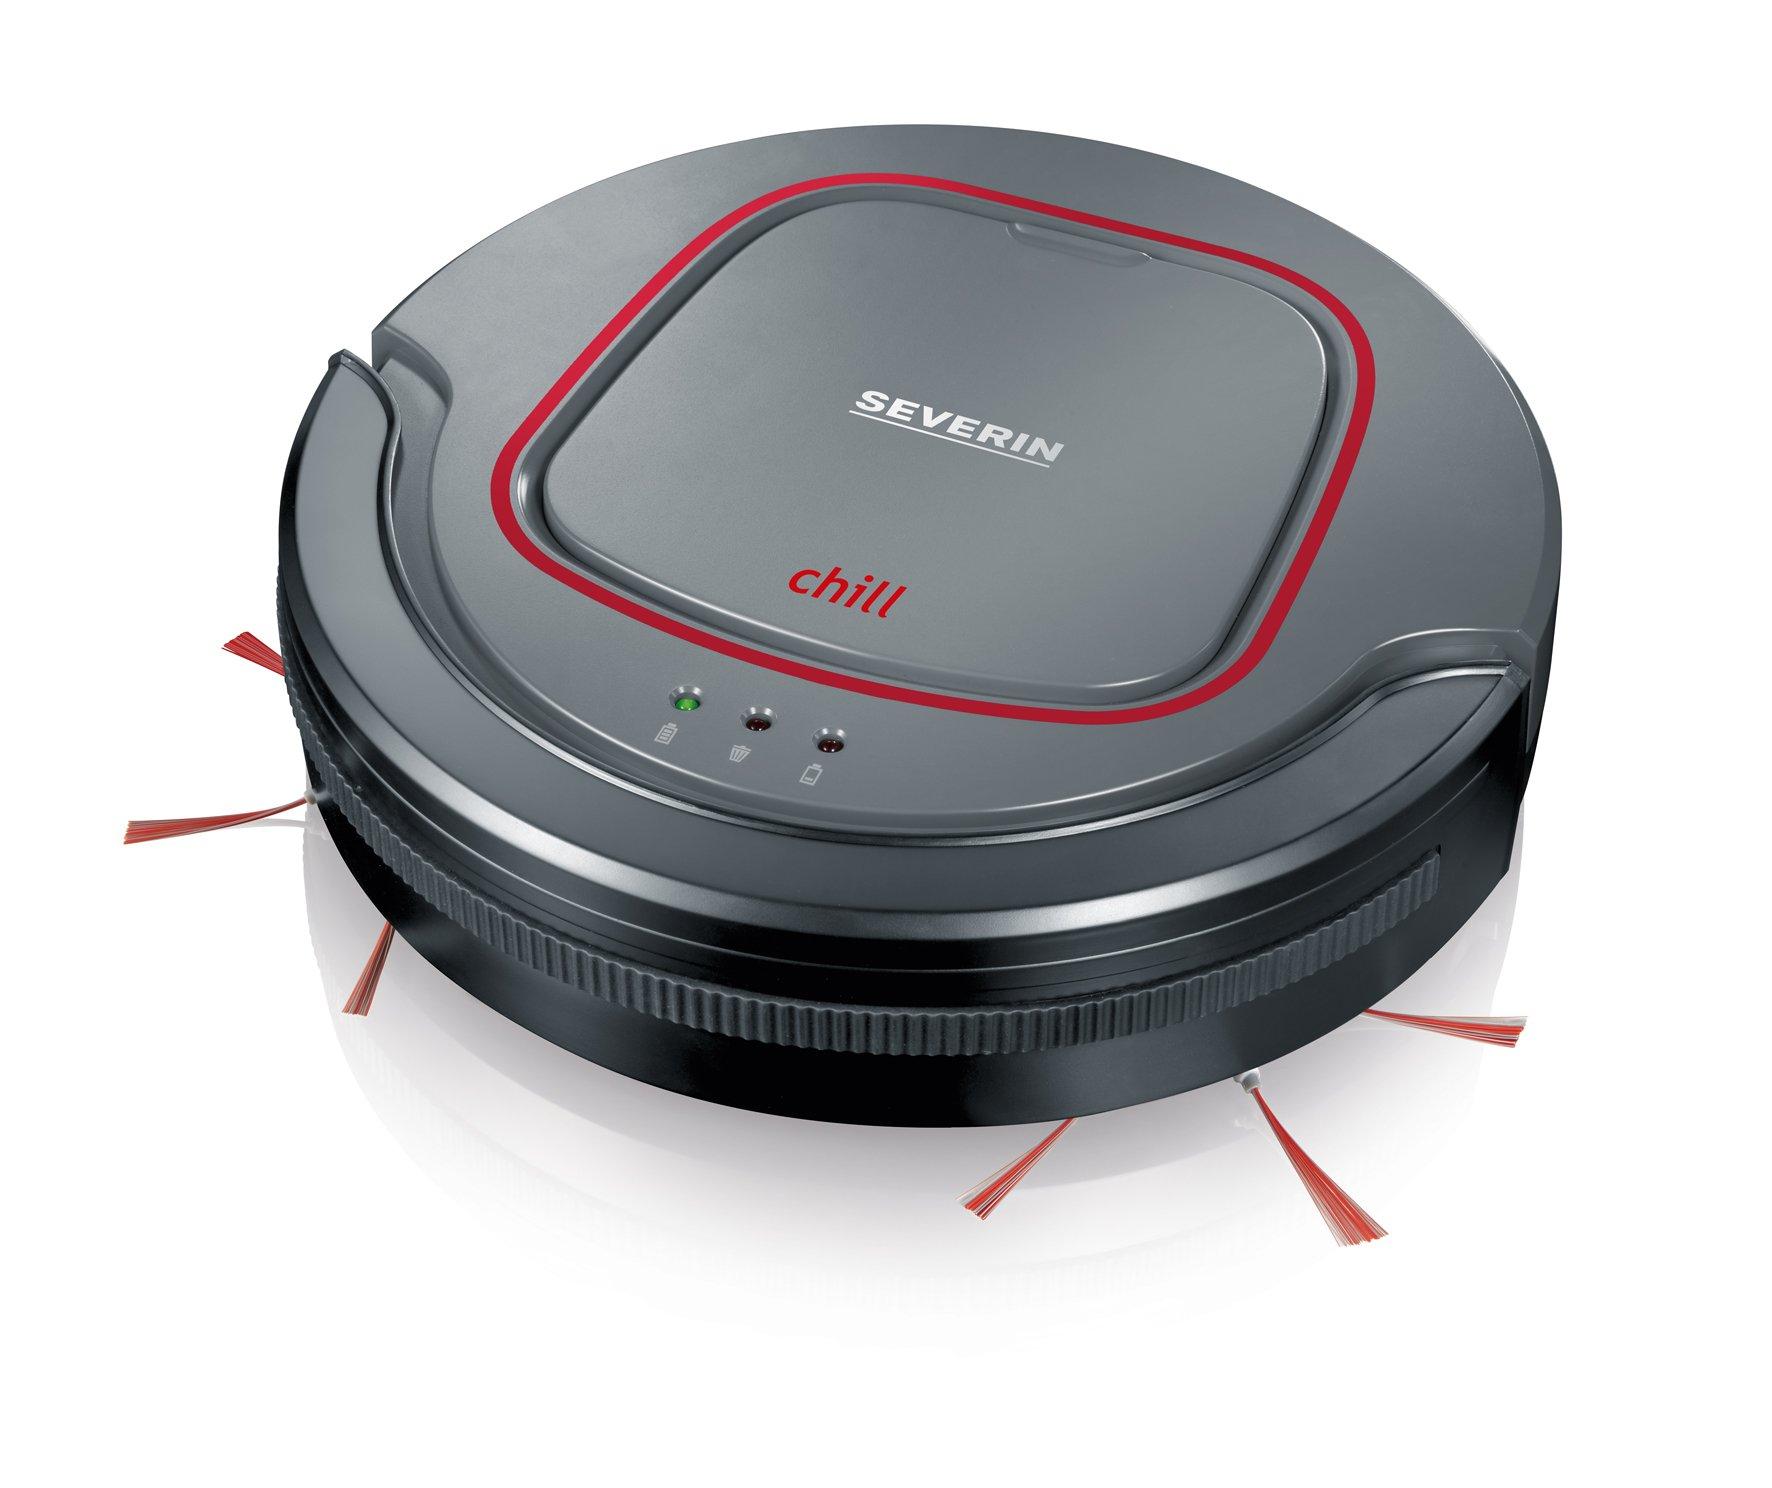 Severin RB 7025 Robot aspirador, batería de iones de litio de 12.8 V, Chill, gris/rojo/negro: Amazon.es: Hogar